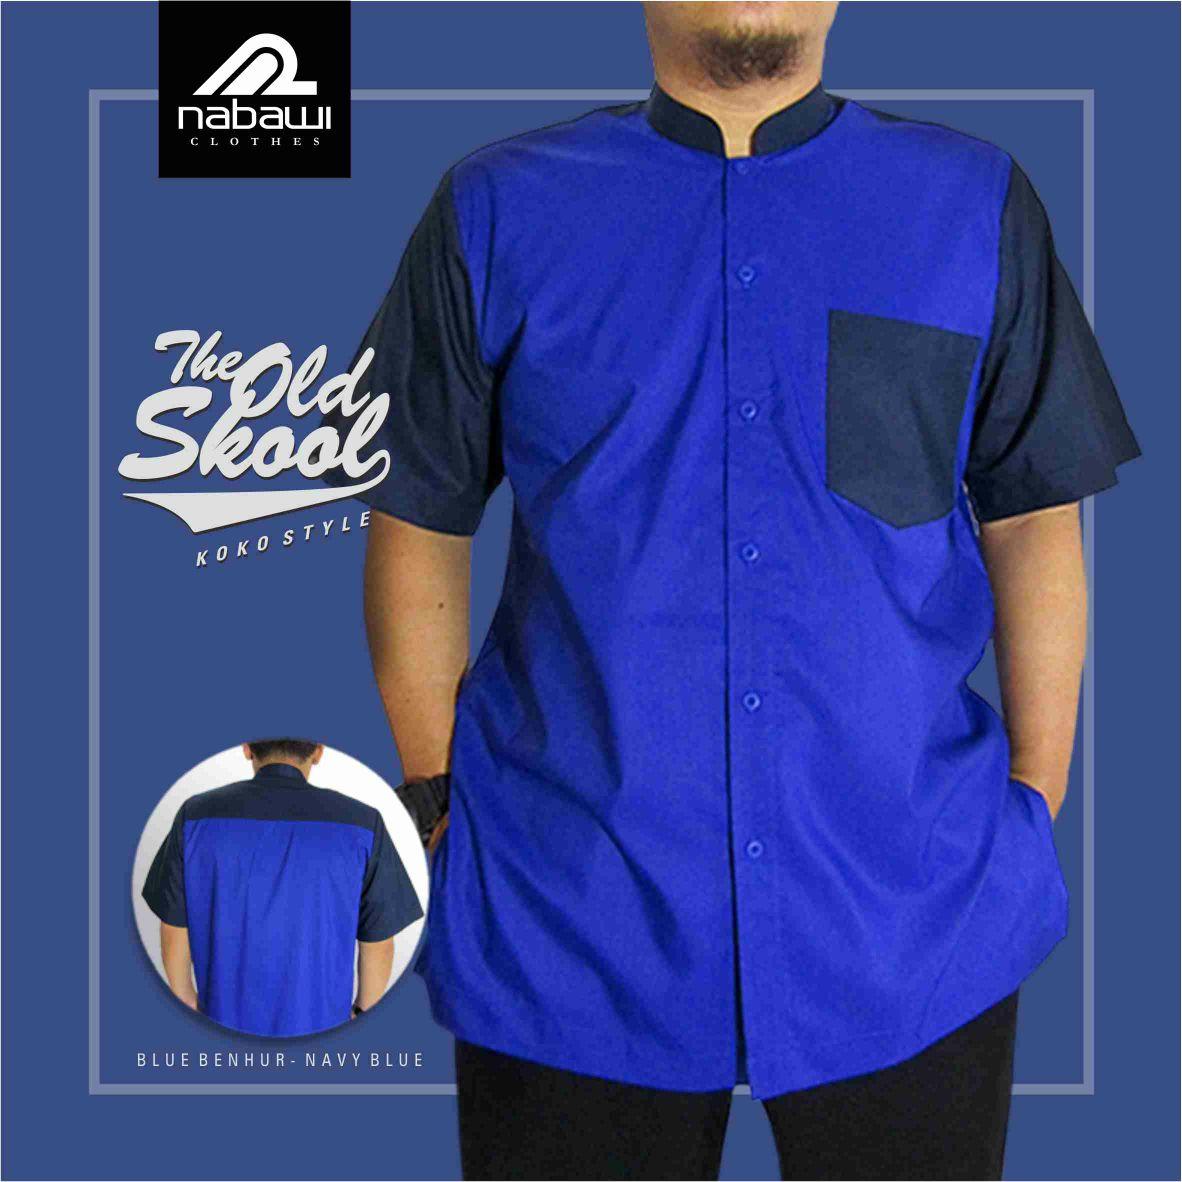 Nabawi Clothes - baju koko old skool biru benhur